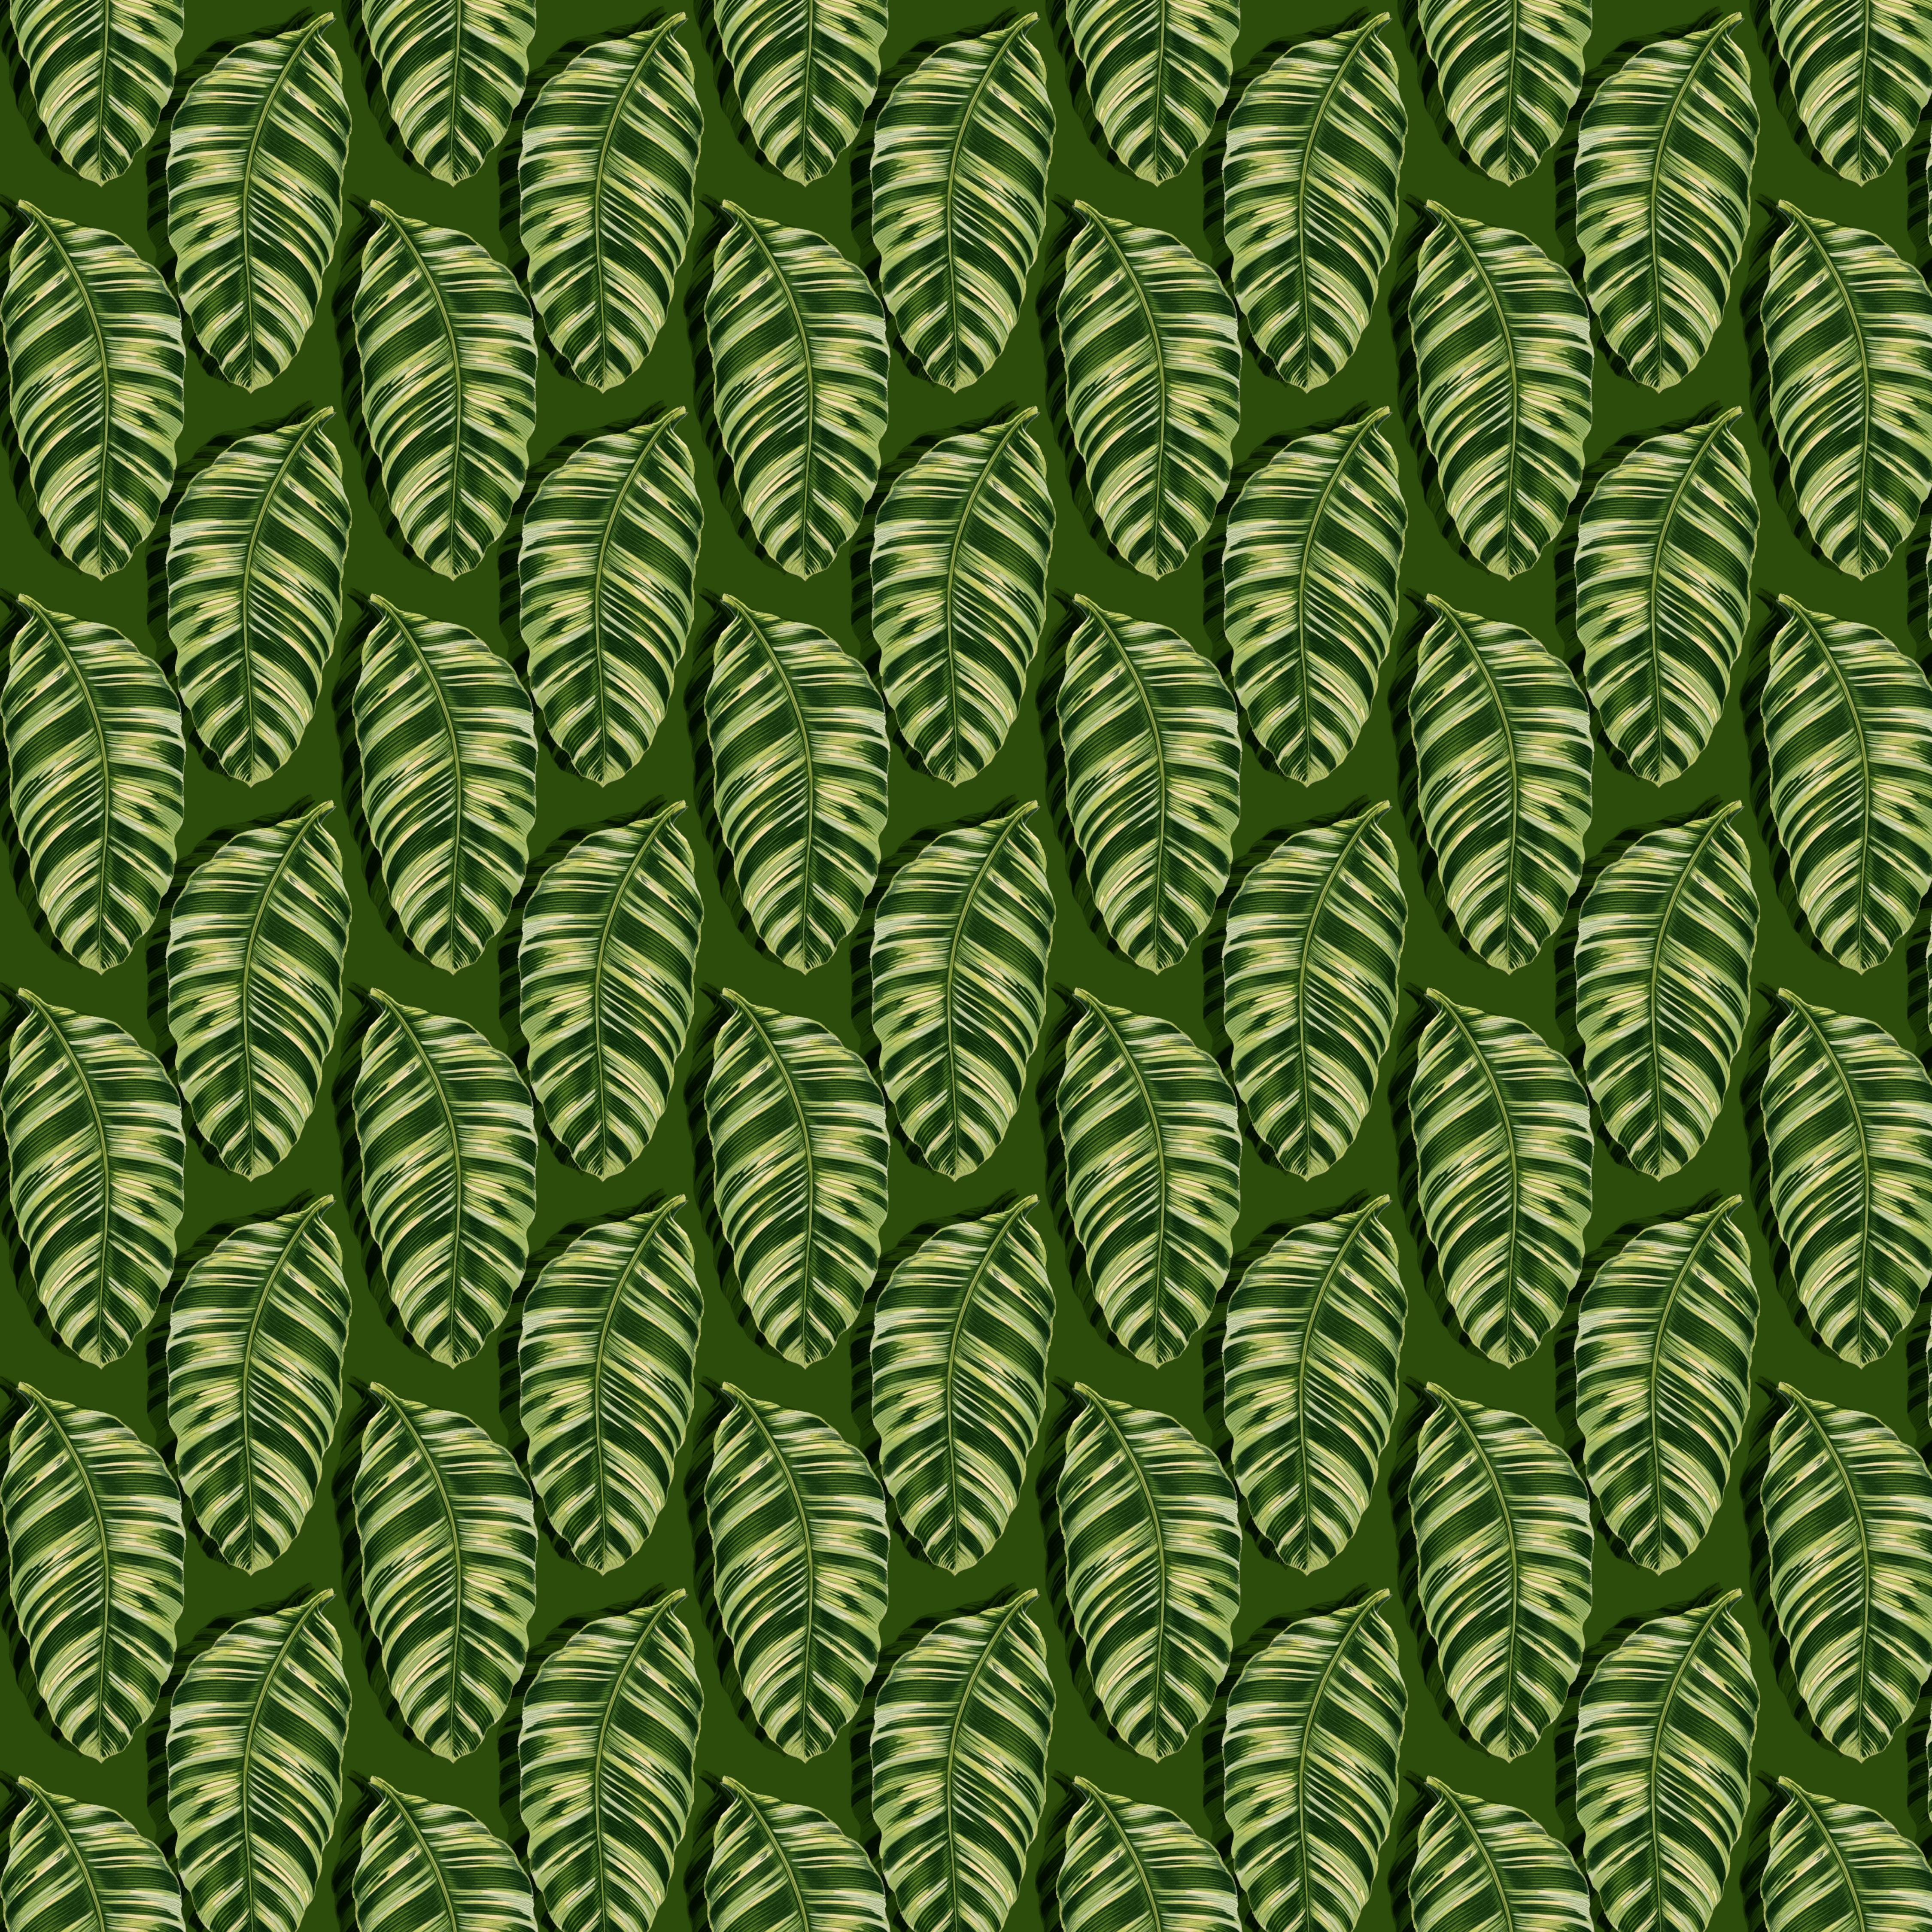 jungle 8 dk GR fill copy copy